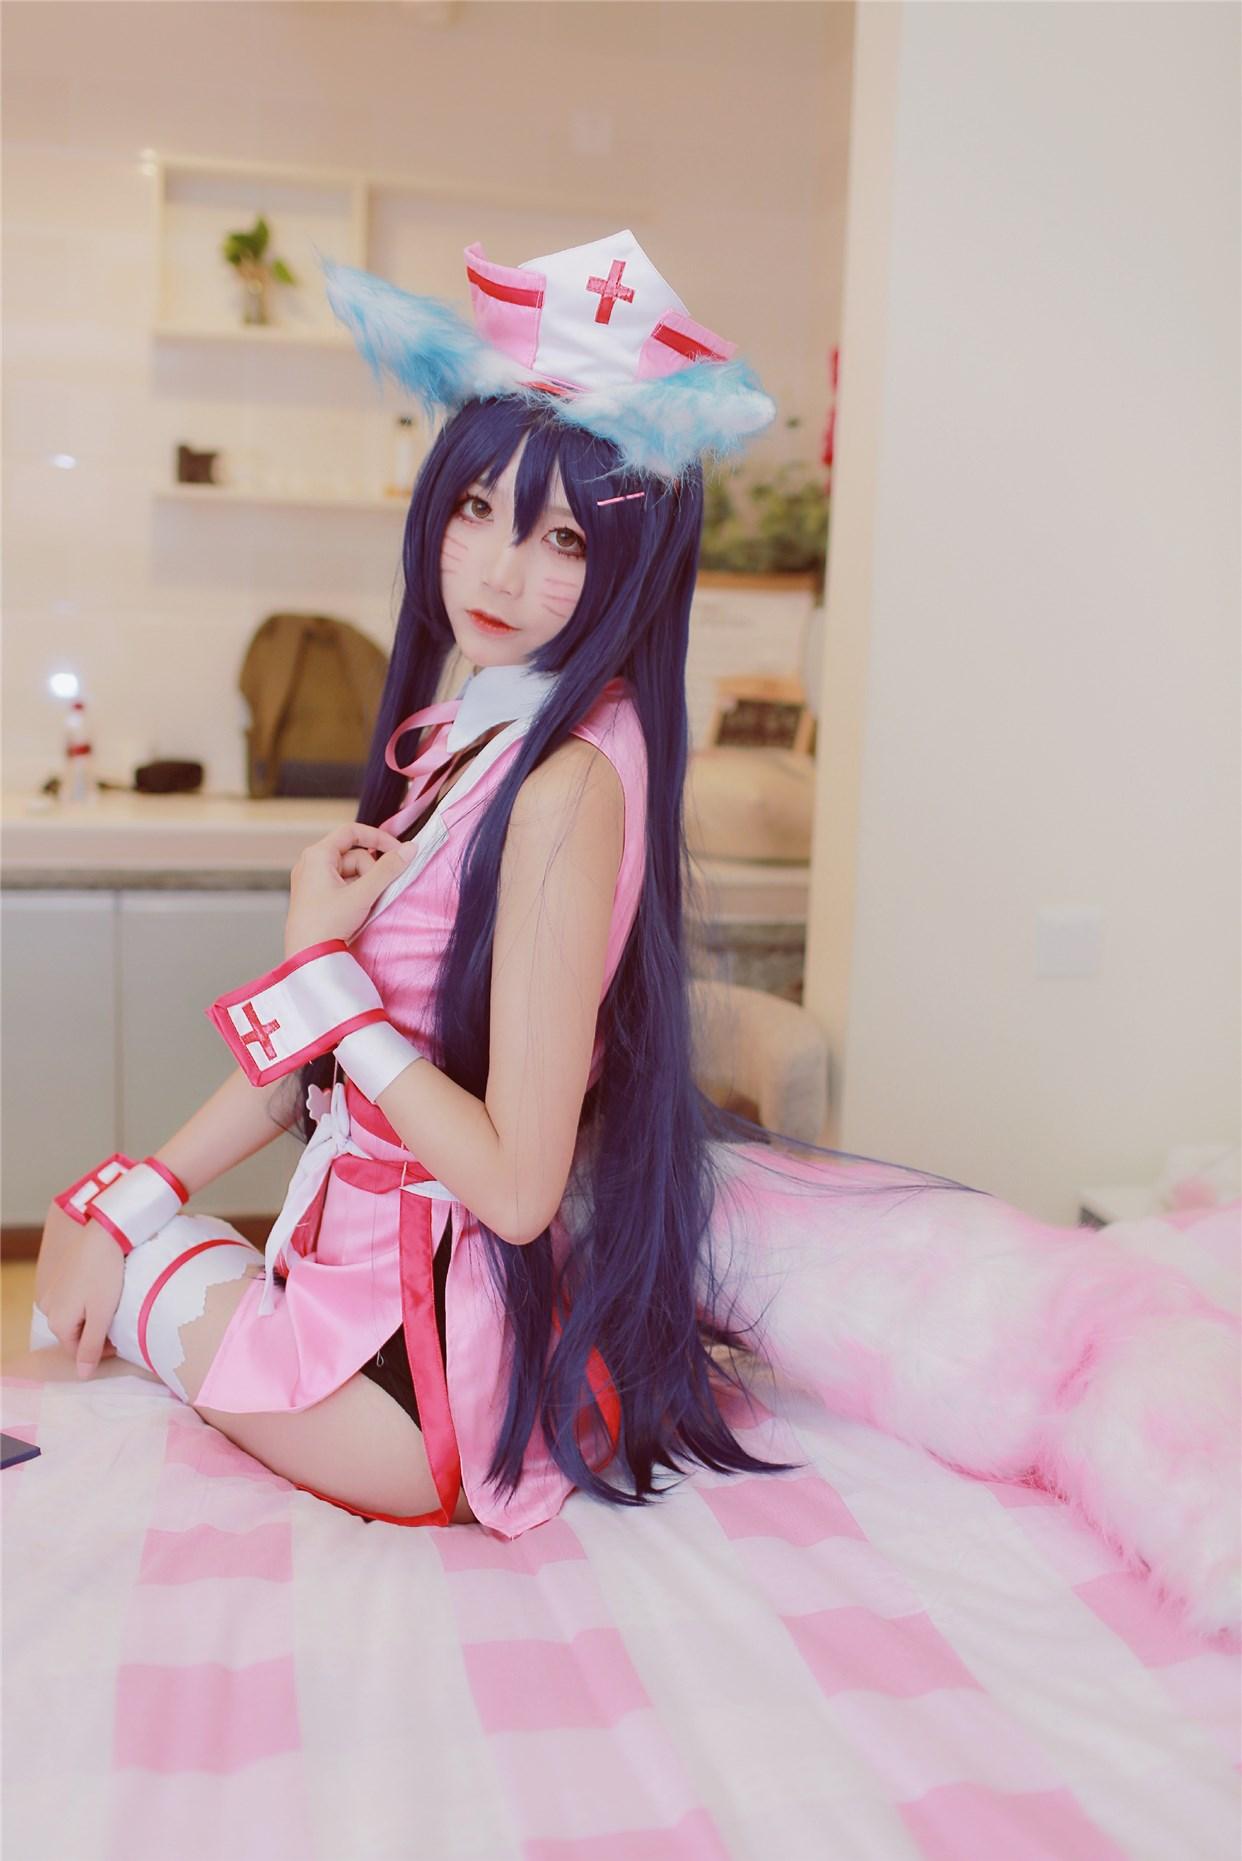 【兔玩映画】让阿狸好好宠爱你吧 兔玩映画 第12张